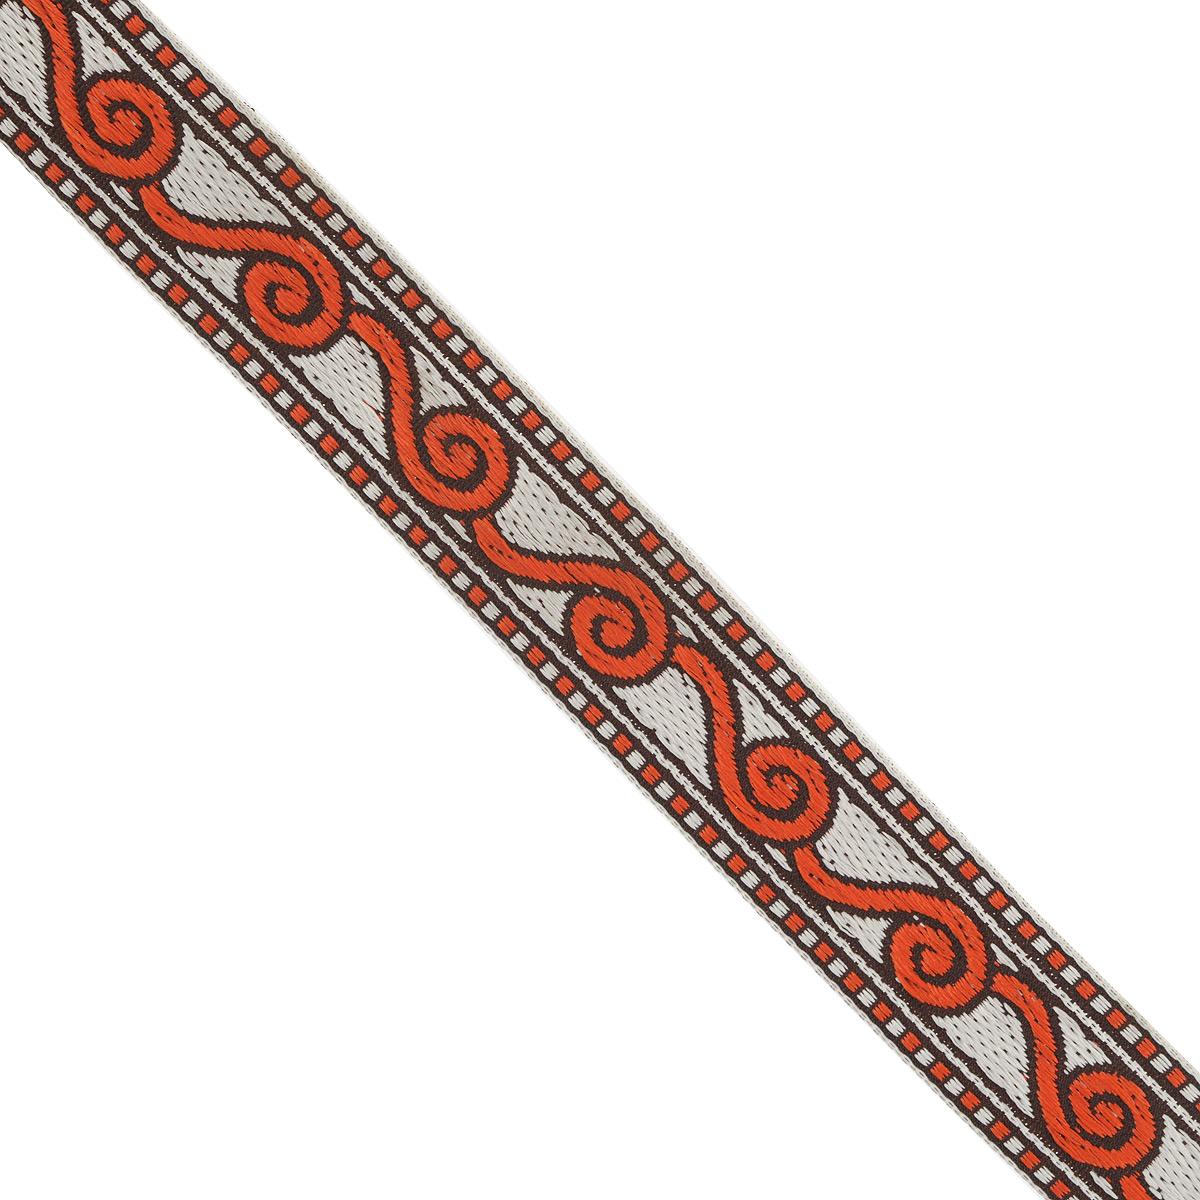 Тесьма декоративная Астра, цвет: красный (4), ширина 2 см, длина 16,4 м. 77032717703271_4Декоративная тесьма Астра выполнена из текстиля и оформлена оригинальным орнаментом. Такая тесьма идеально подойдет для оформления различных творческих работ таких, как скрапбукинг, аппликация, декор коробок и открыток и многое другое. Тесьма наивысшего качества и практична в использовании. Она станет незаменимым элементом в создании рукотворного шедевра. Ширина: 2 см. Длина: 16,4 м.